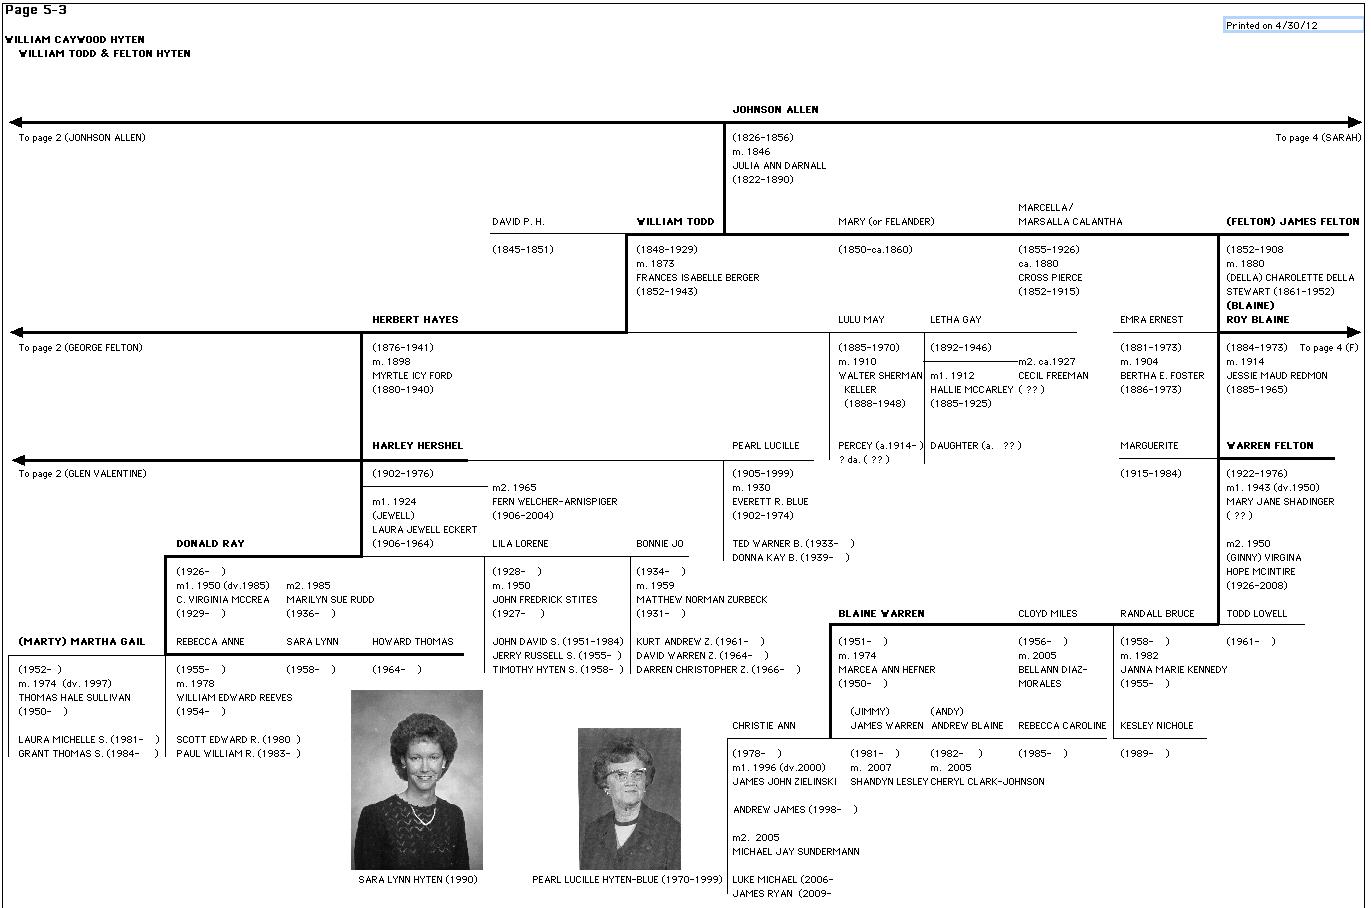 President Zachary Taylor Family Tree Hyten-hiten family treesZachary Taylor Family Tree